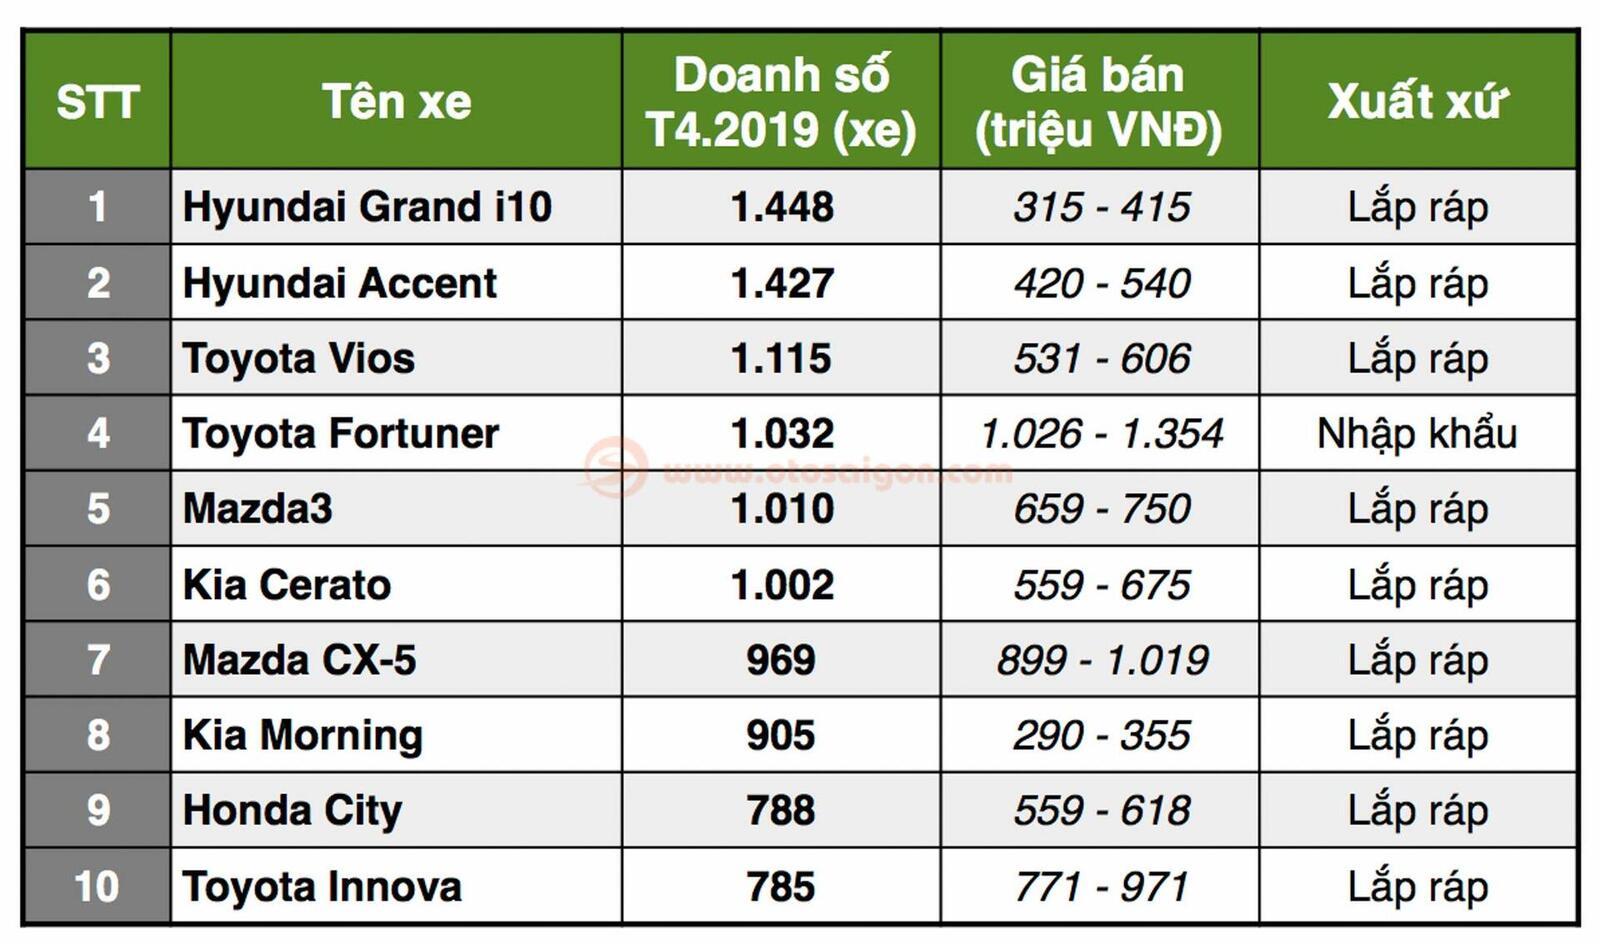 TOP 10 xe bán chạy nhất Việt Nam T5/2019: Vios quay lại dẫn đầu; Xpander đứng vị trí thứ 2 - Hình 3